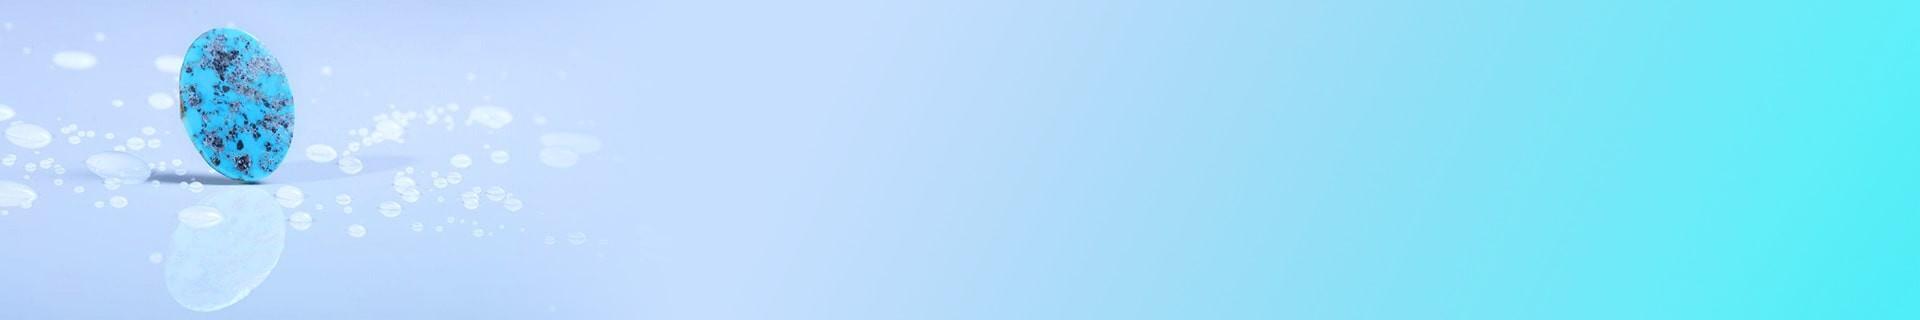 فیروزه شجری اصل و طبیعی نیشابور | خرید فیروزه اصل و طبیعی نیشابور